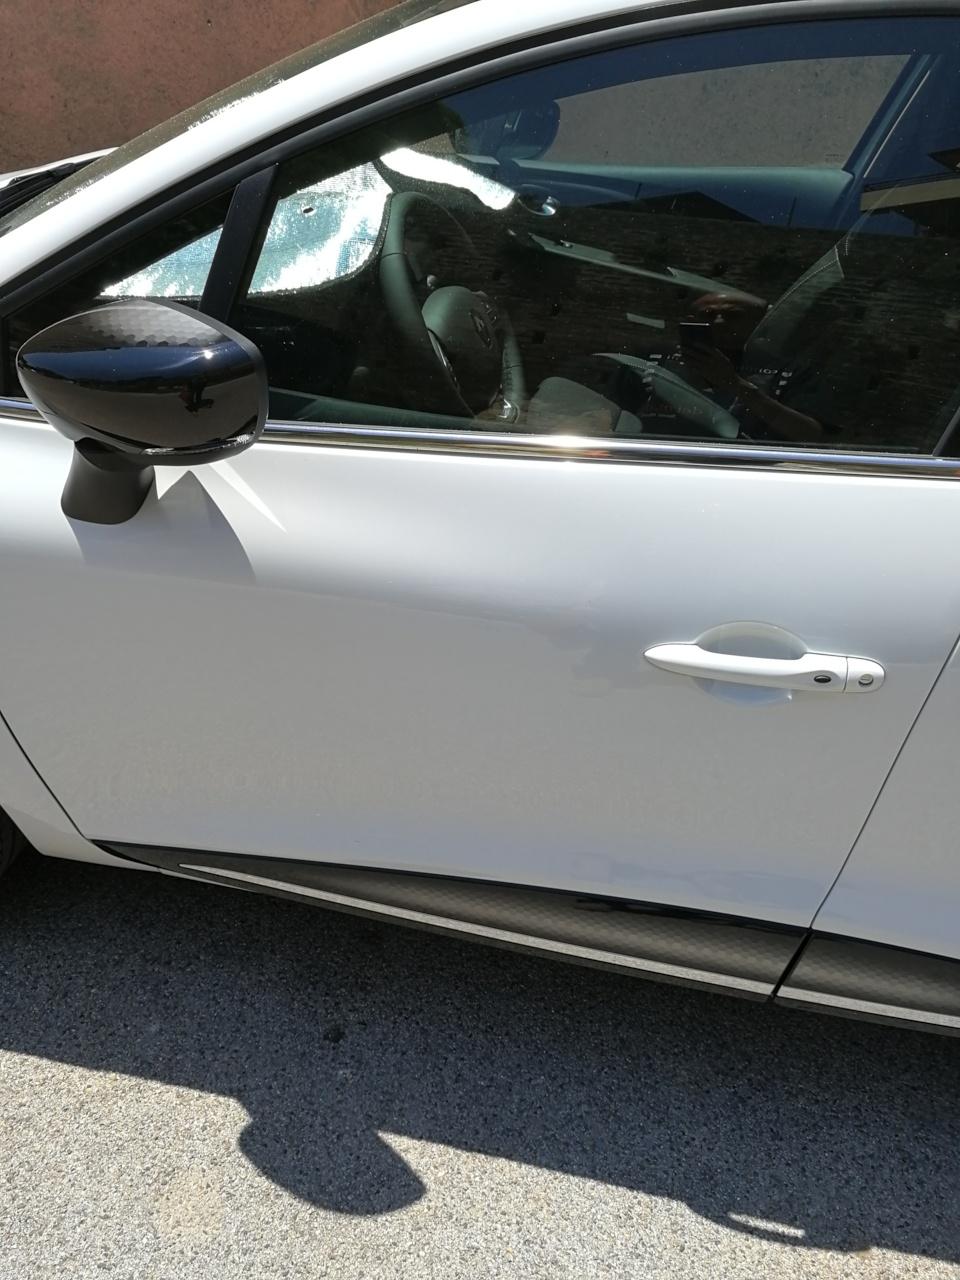 Consiglio protezione auto Img_2010